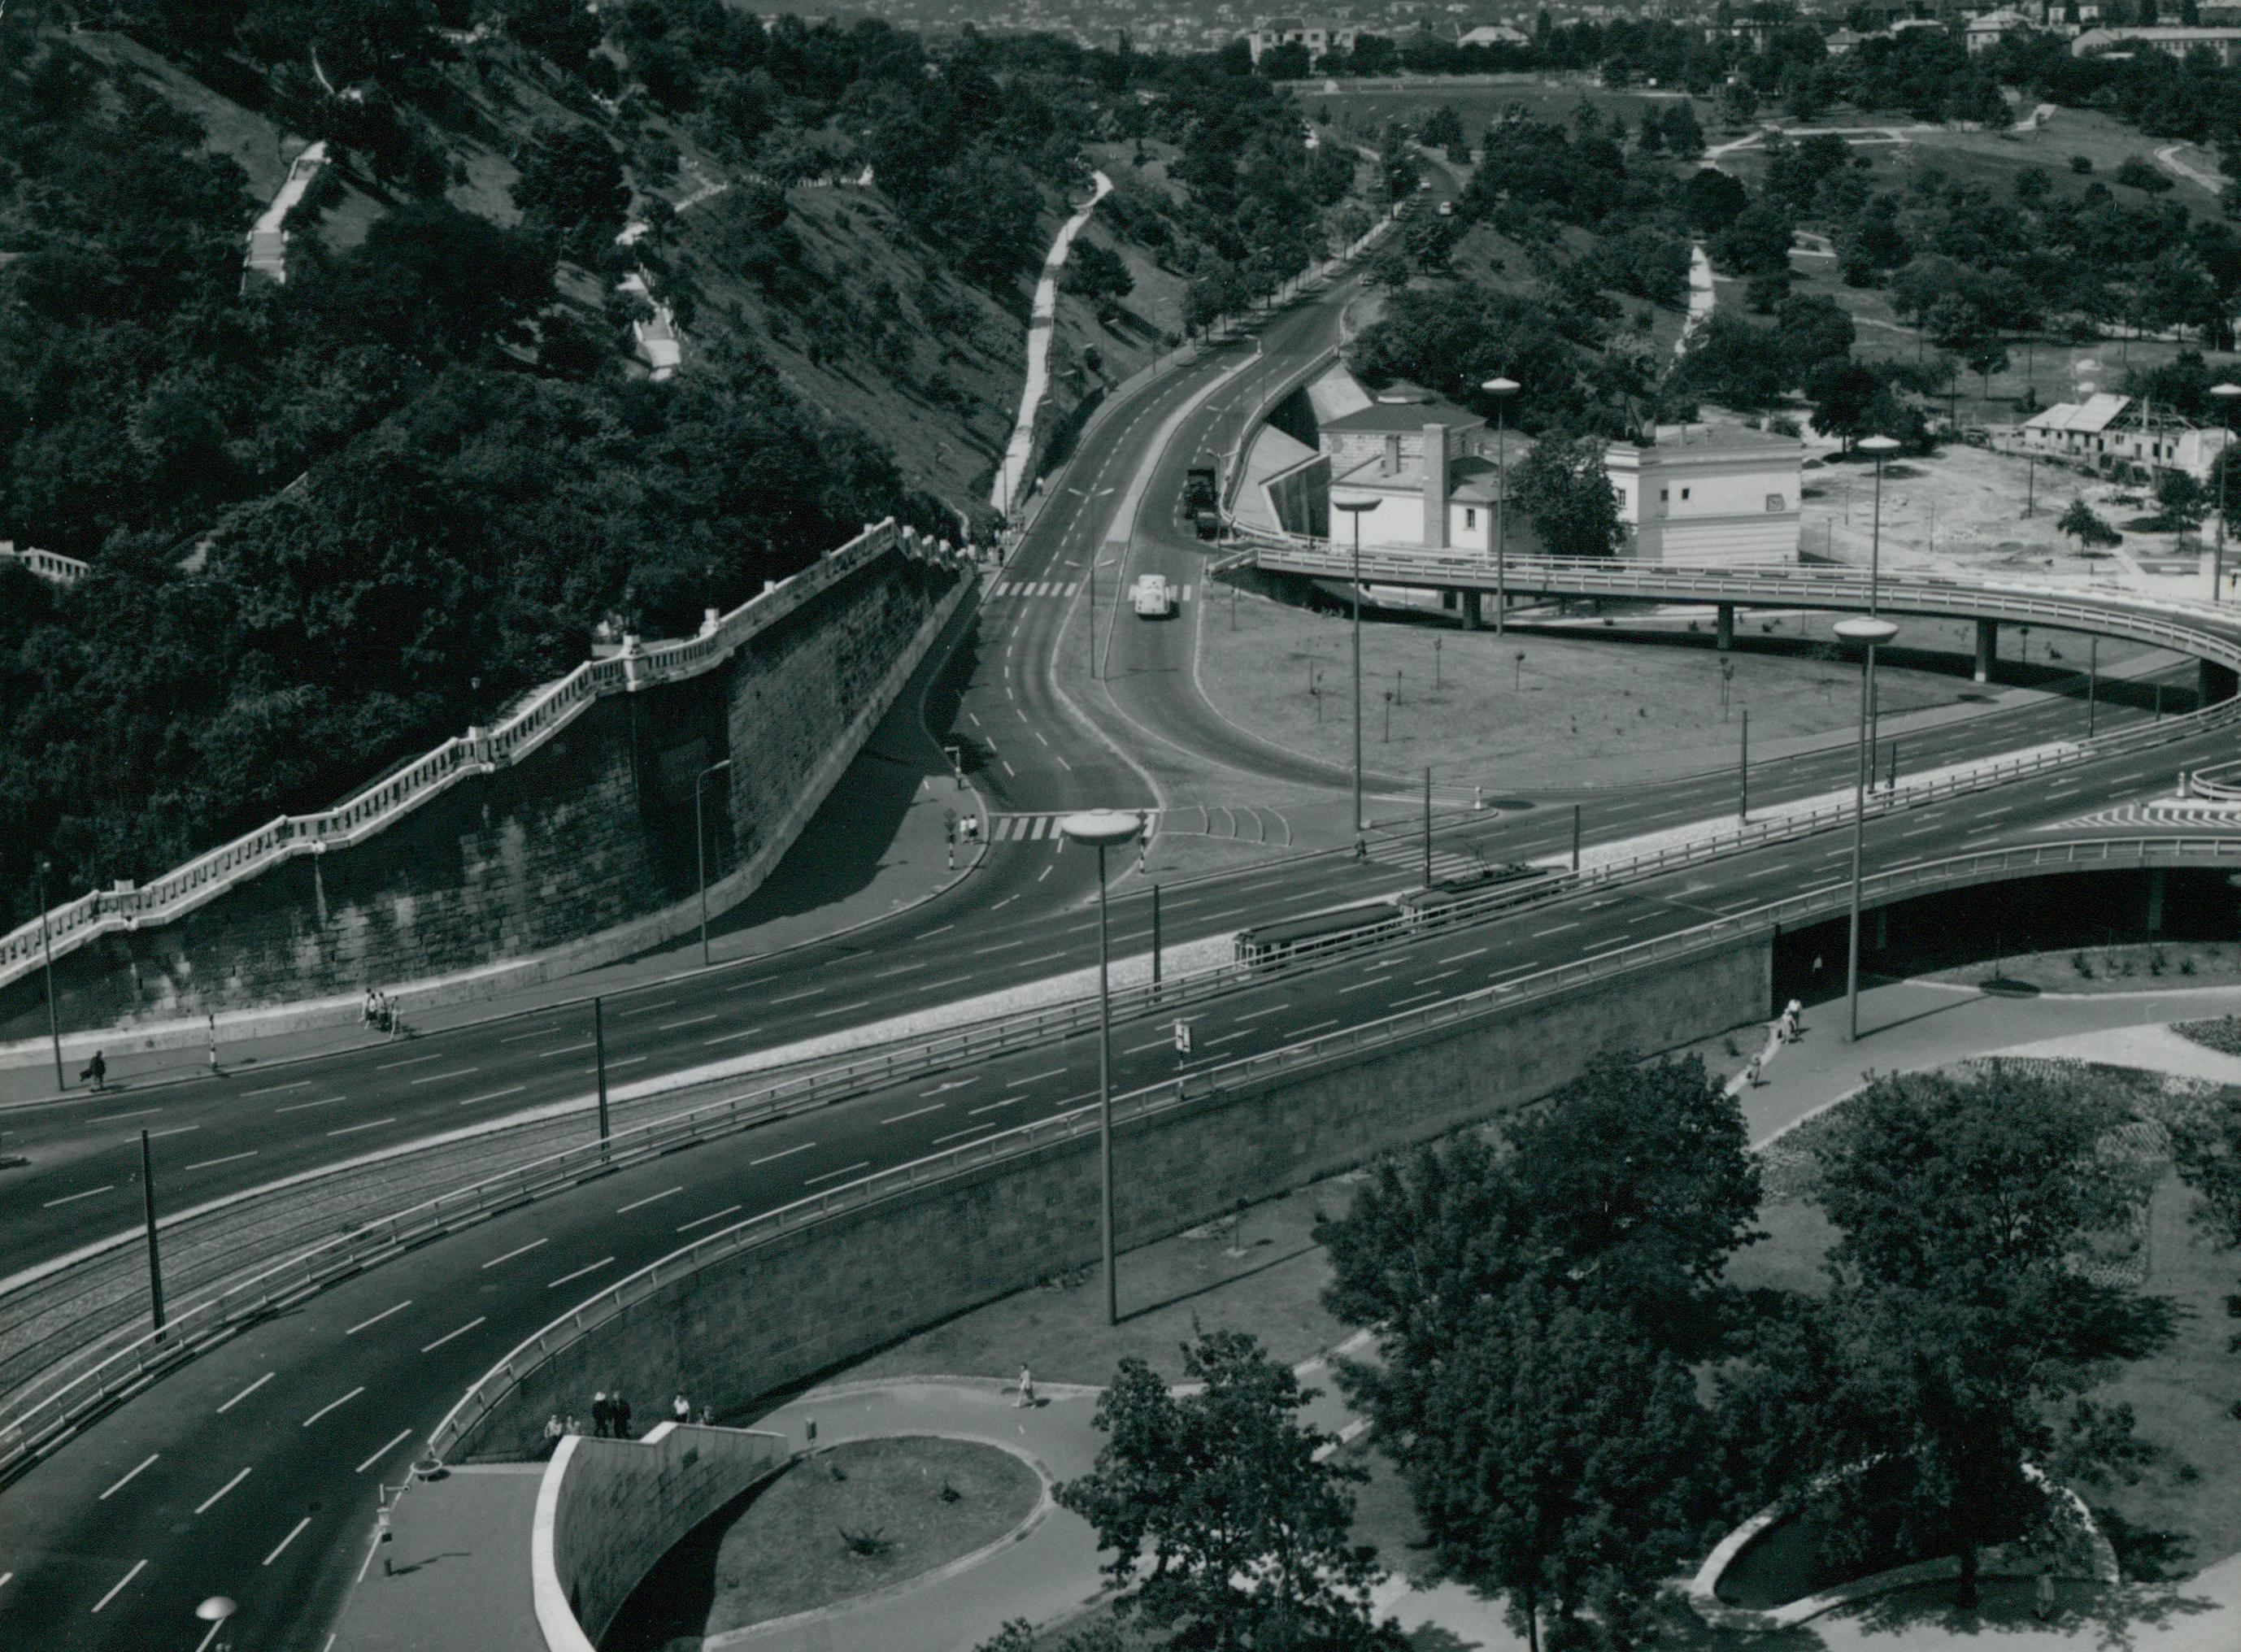 Az Erzsébet híd budai hídfőjének csomópontja a Hegyalja úttal